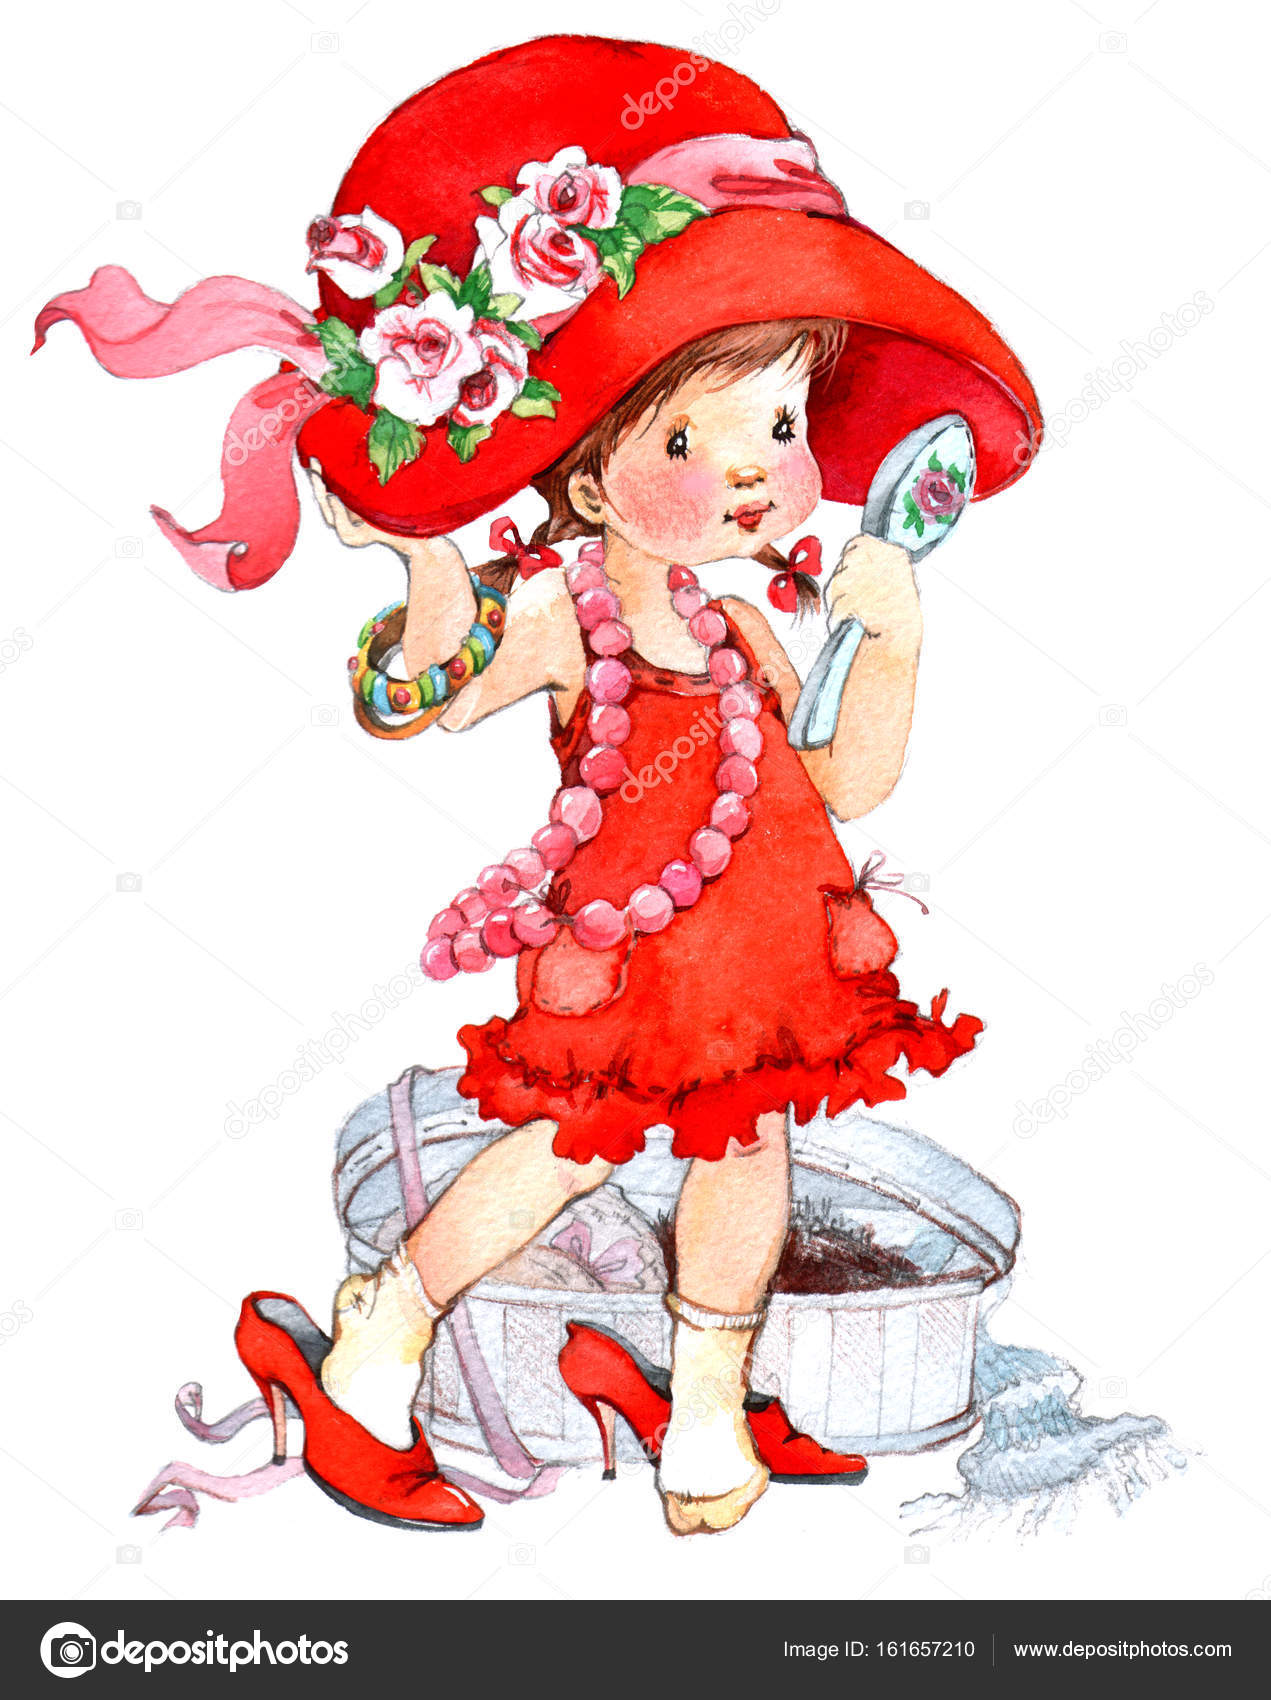 赤いドレスの女のかわいい赤ちゃん \u2014 ストック写真